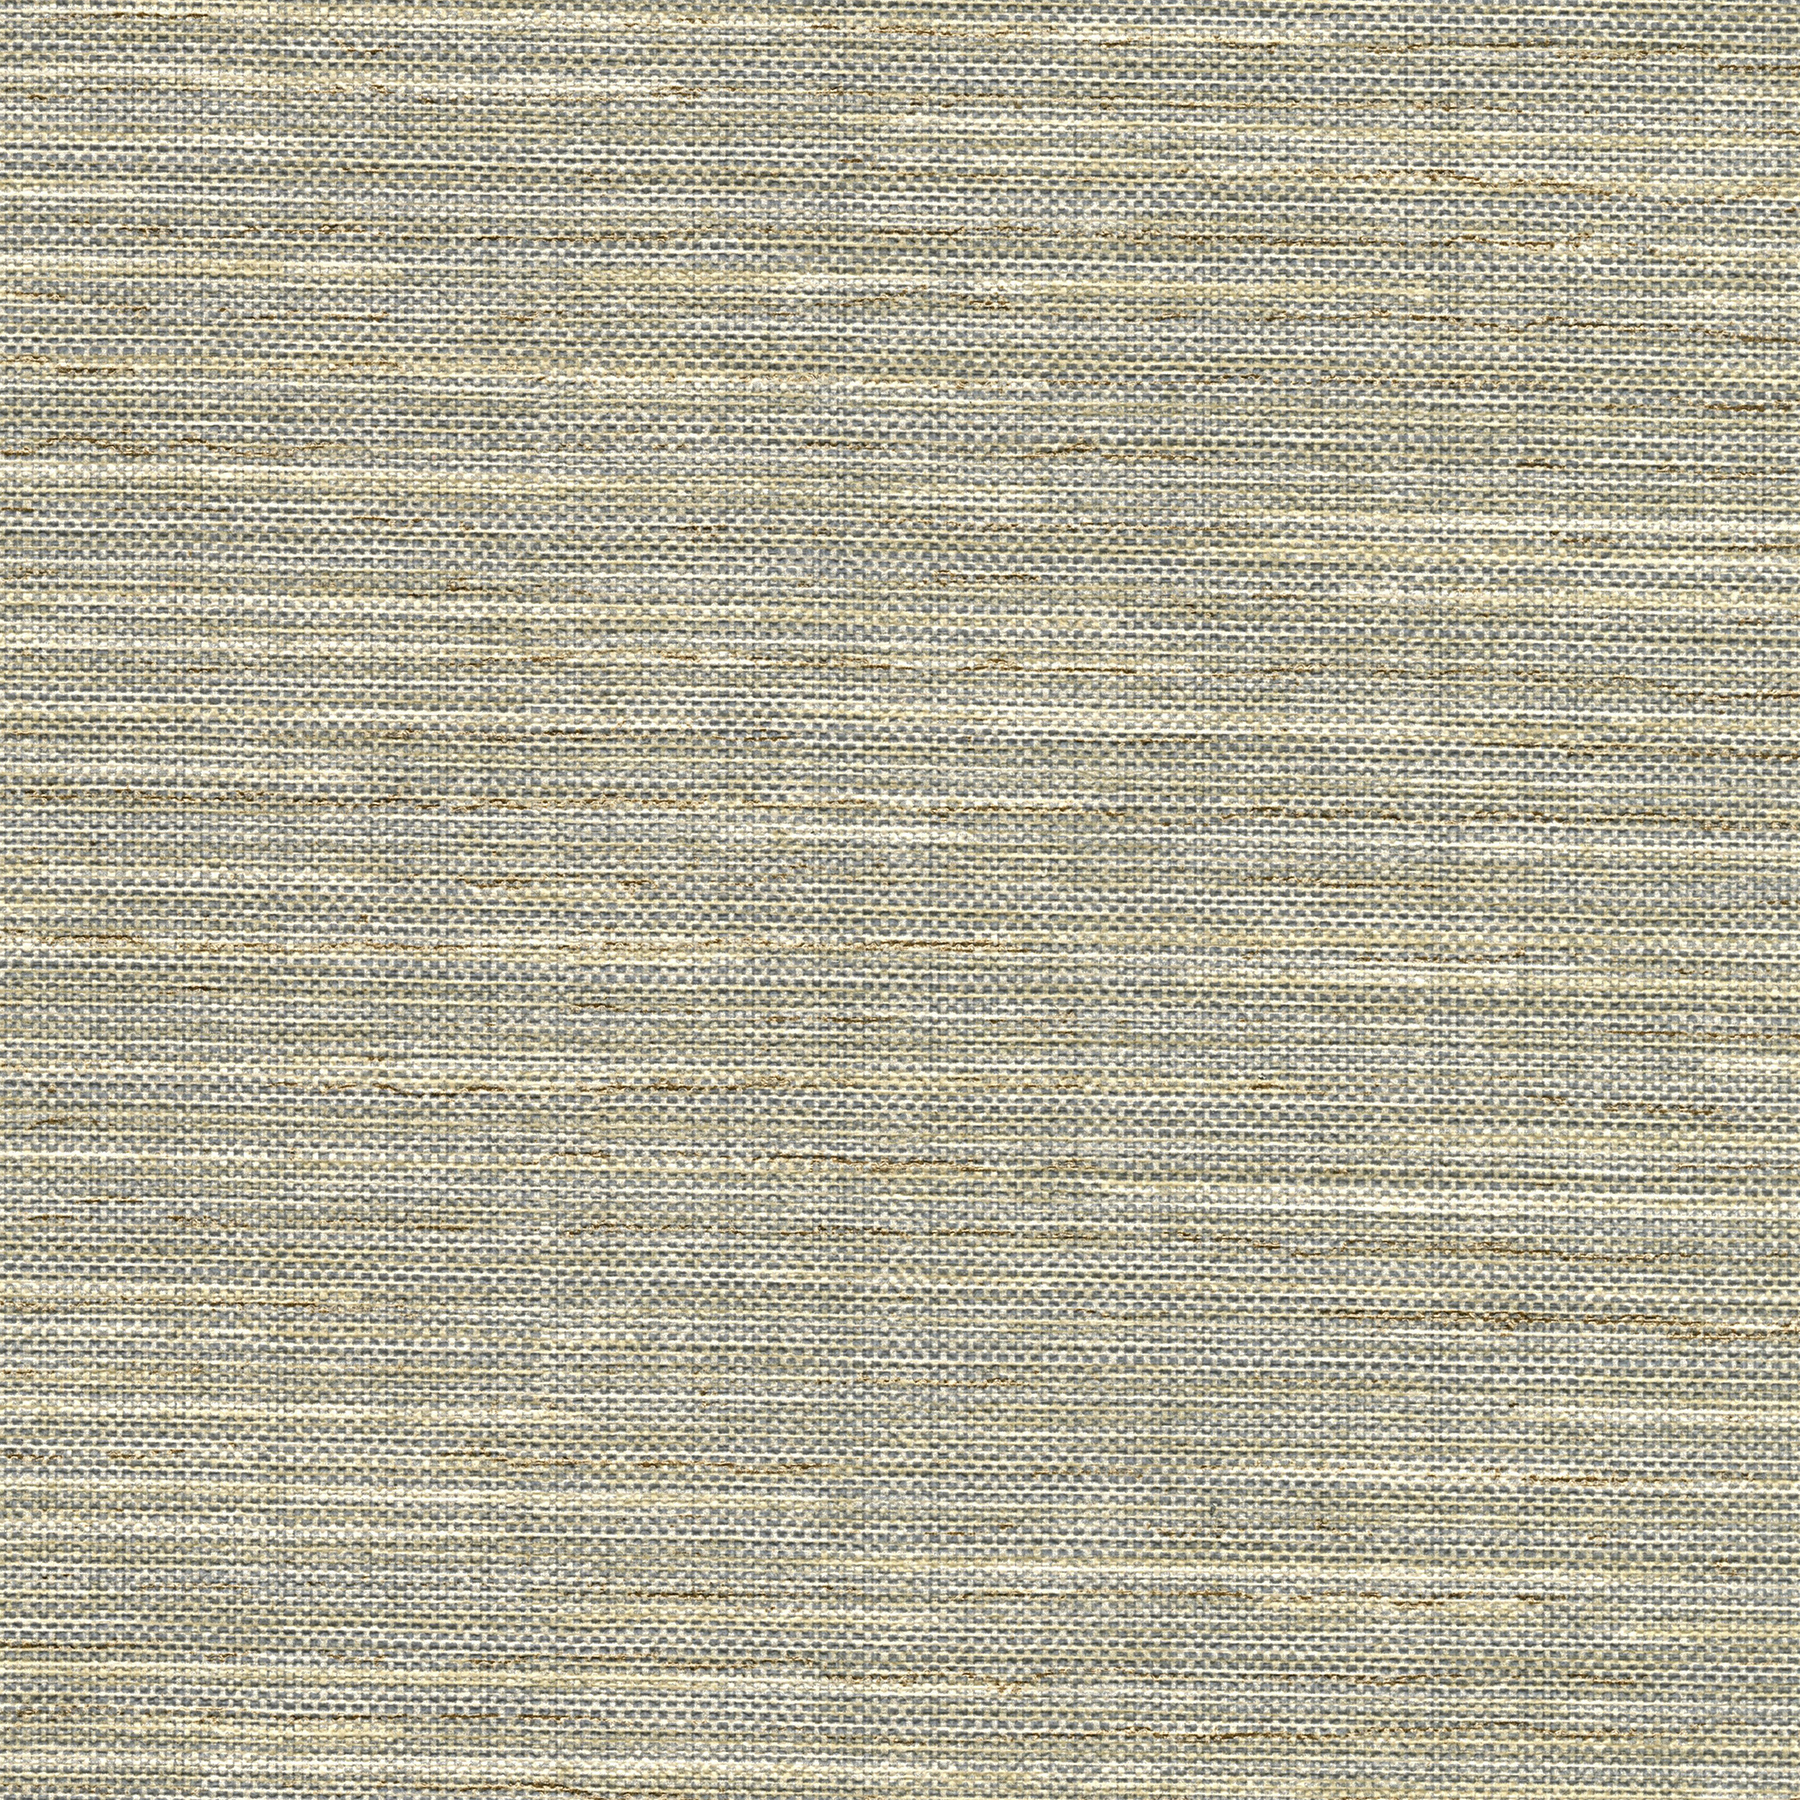 Picture of Bay Ridge Beige Linen Texture Wallpaper